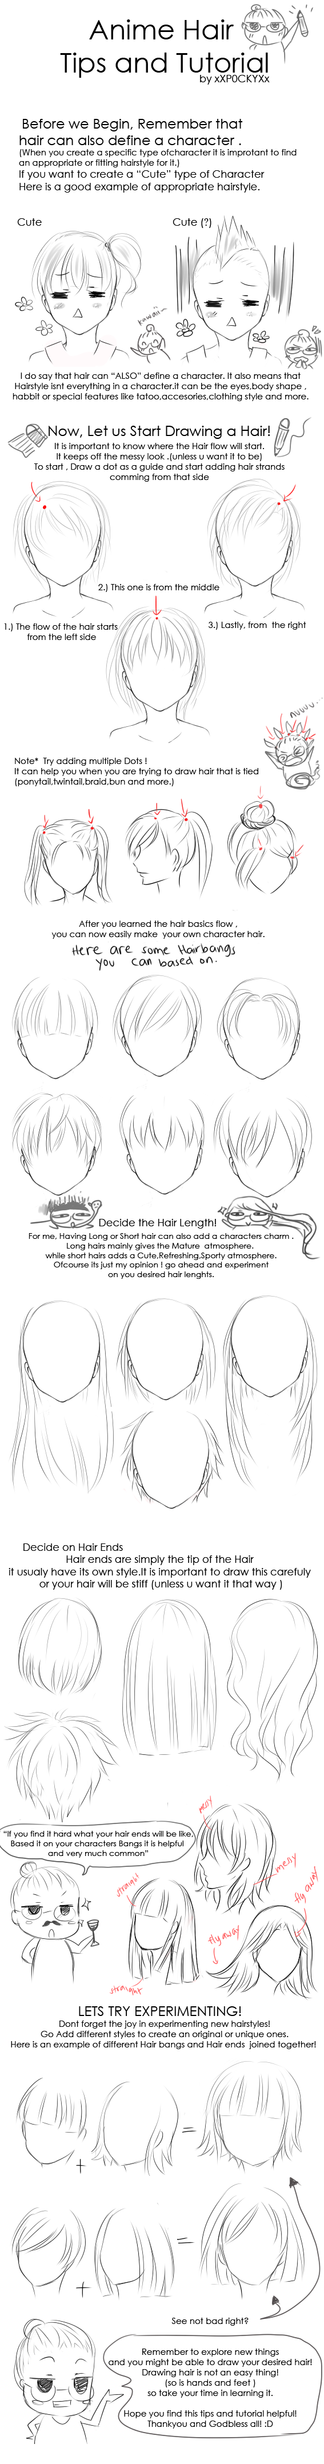 Anime Hair Tips and Tutorial by xXP0CKYXx